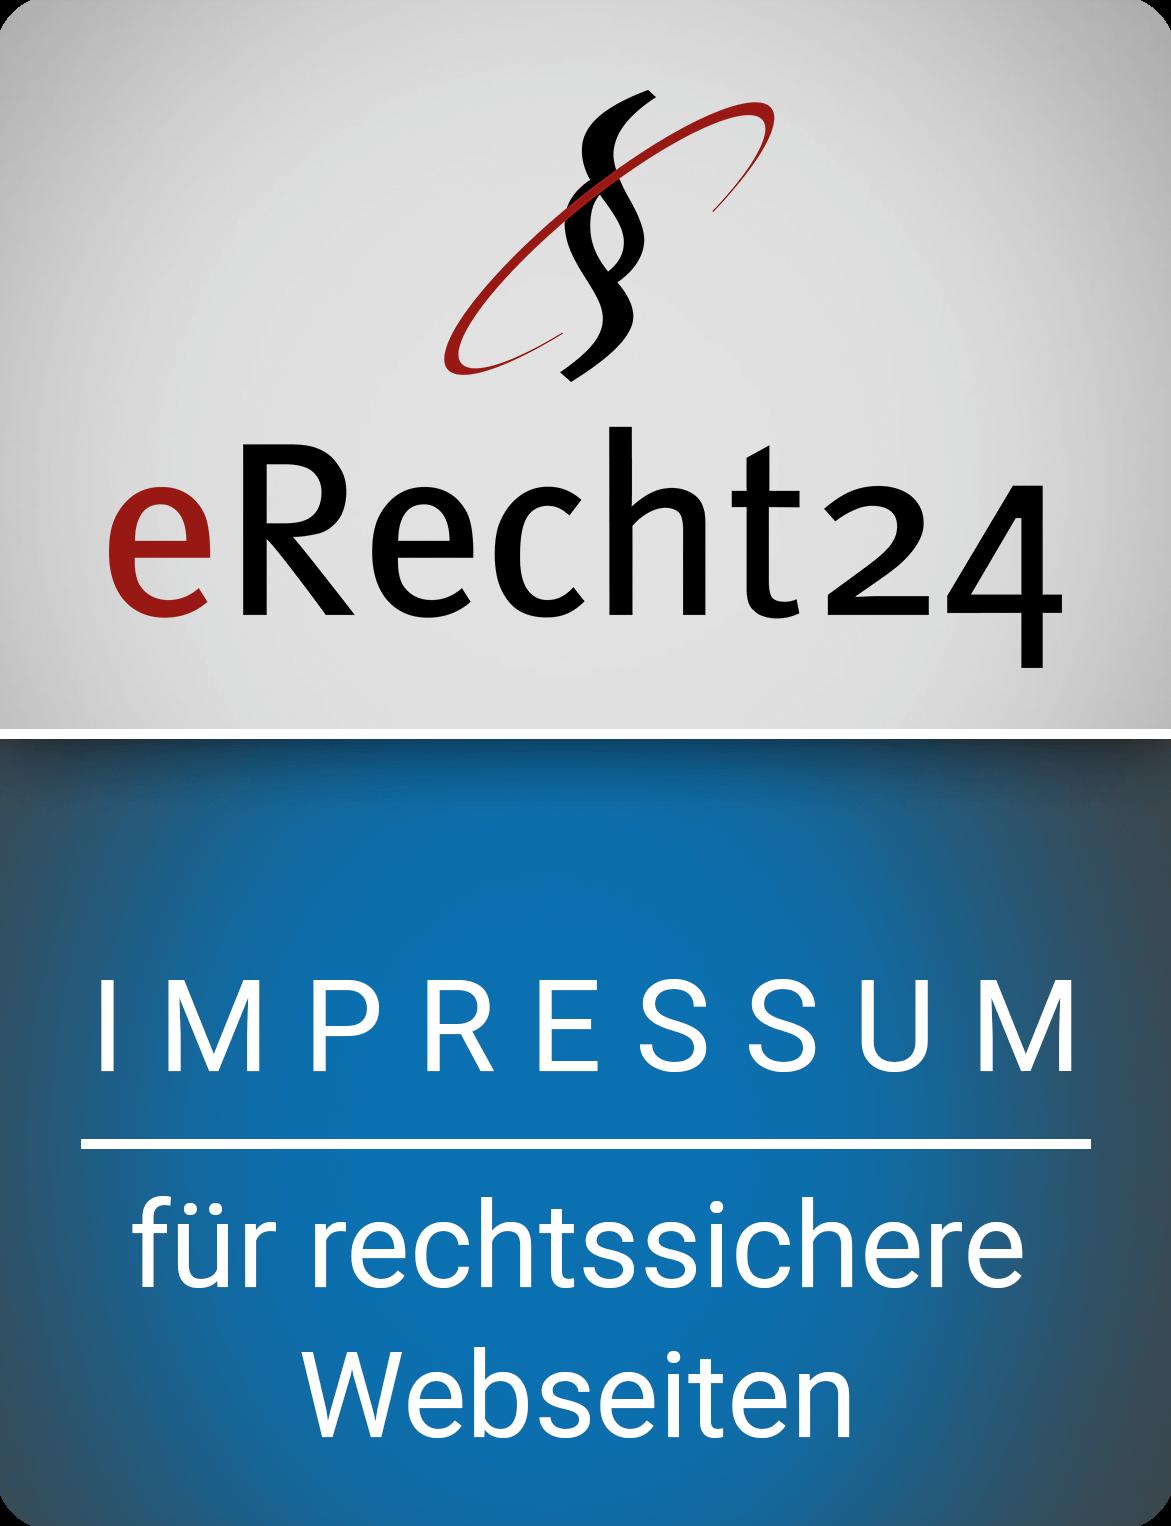 e-Recht24.de_Siegel-Impressum